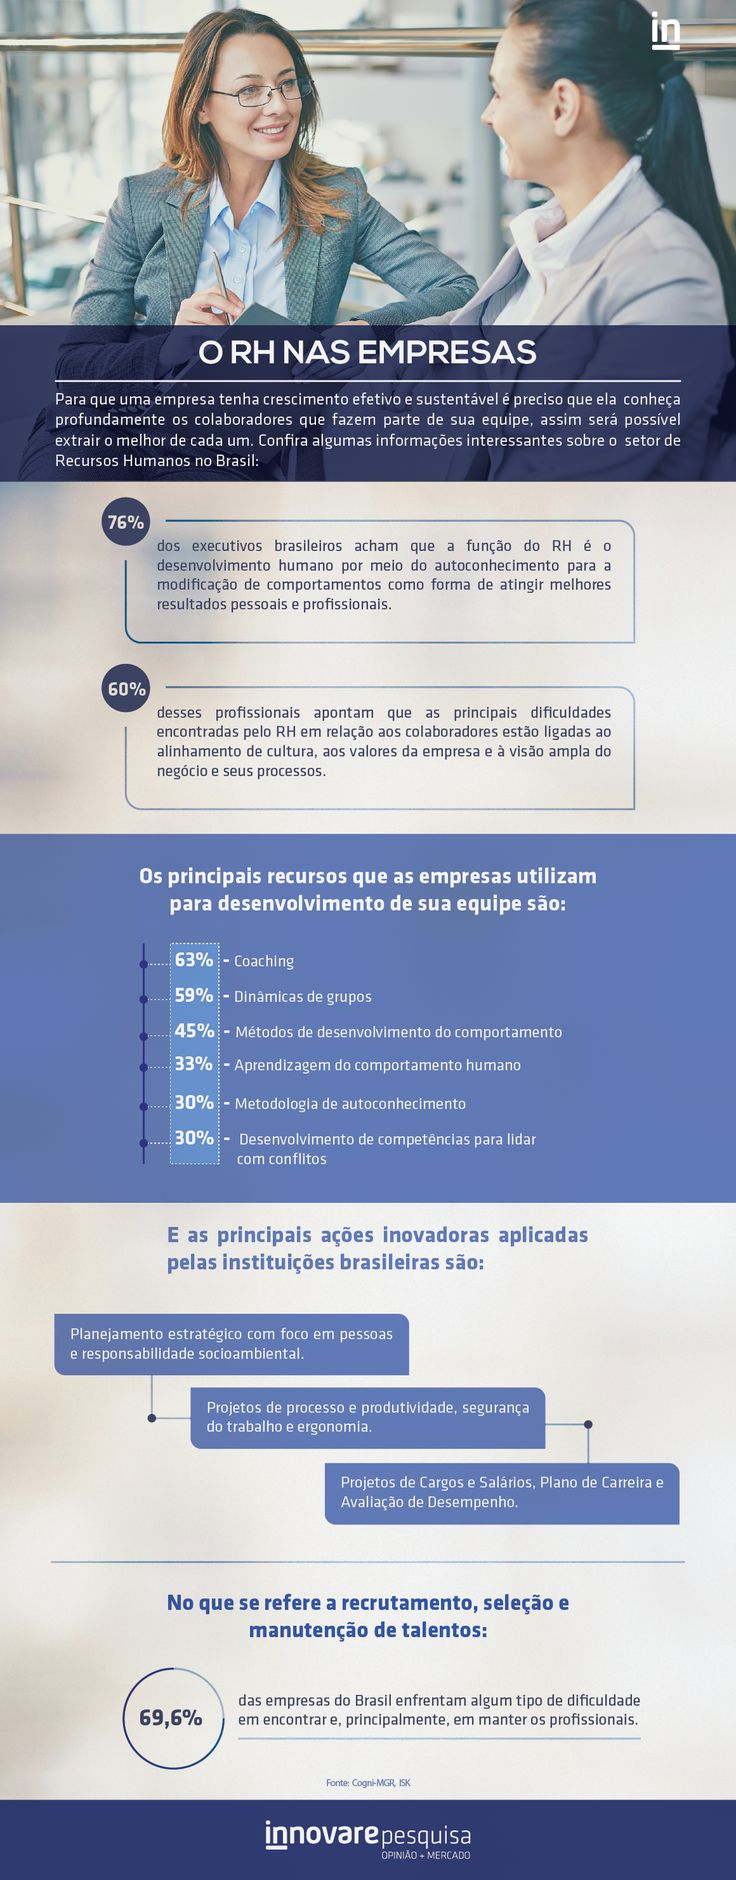 #RecursosHumanos #RH #Coaching #Marca #Empresa #Instituto #Pesquisa #Infográfico #Innovare #InnovarePesquisa #Estudo #Inovação #Setor #MercadoDeTrabalho #Dados